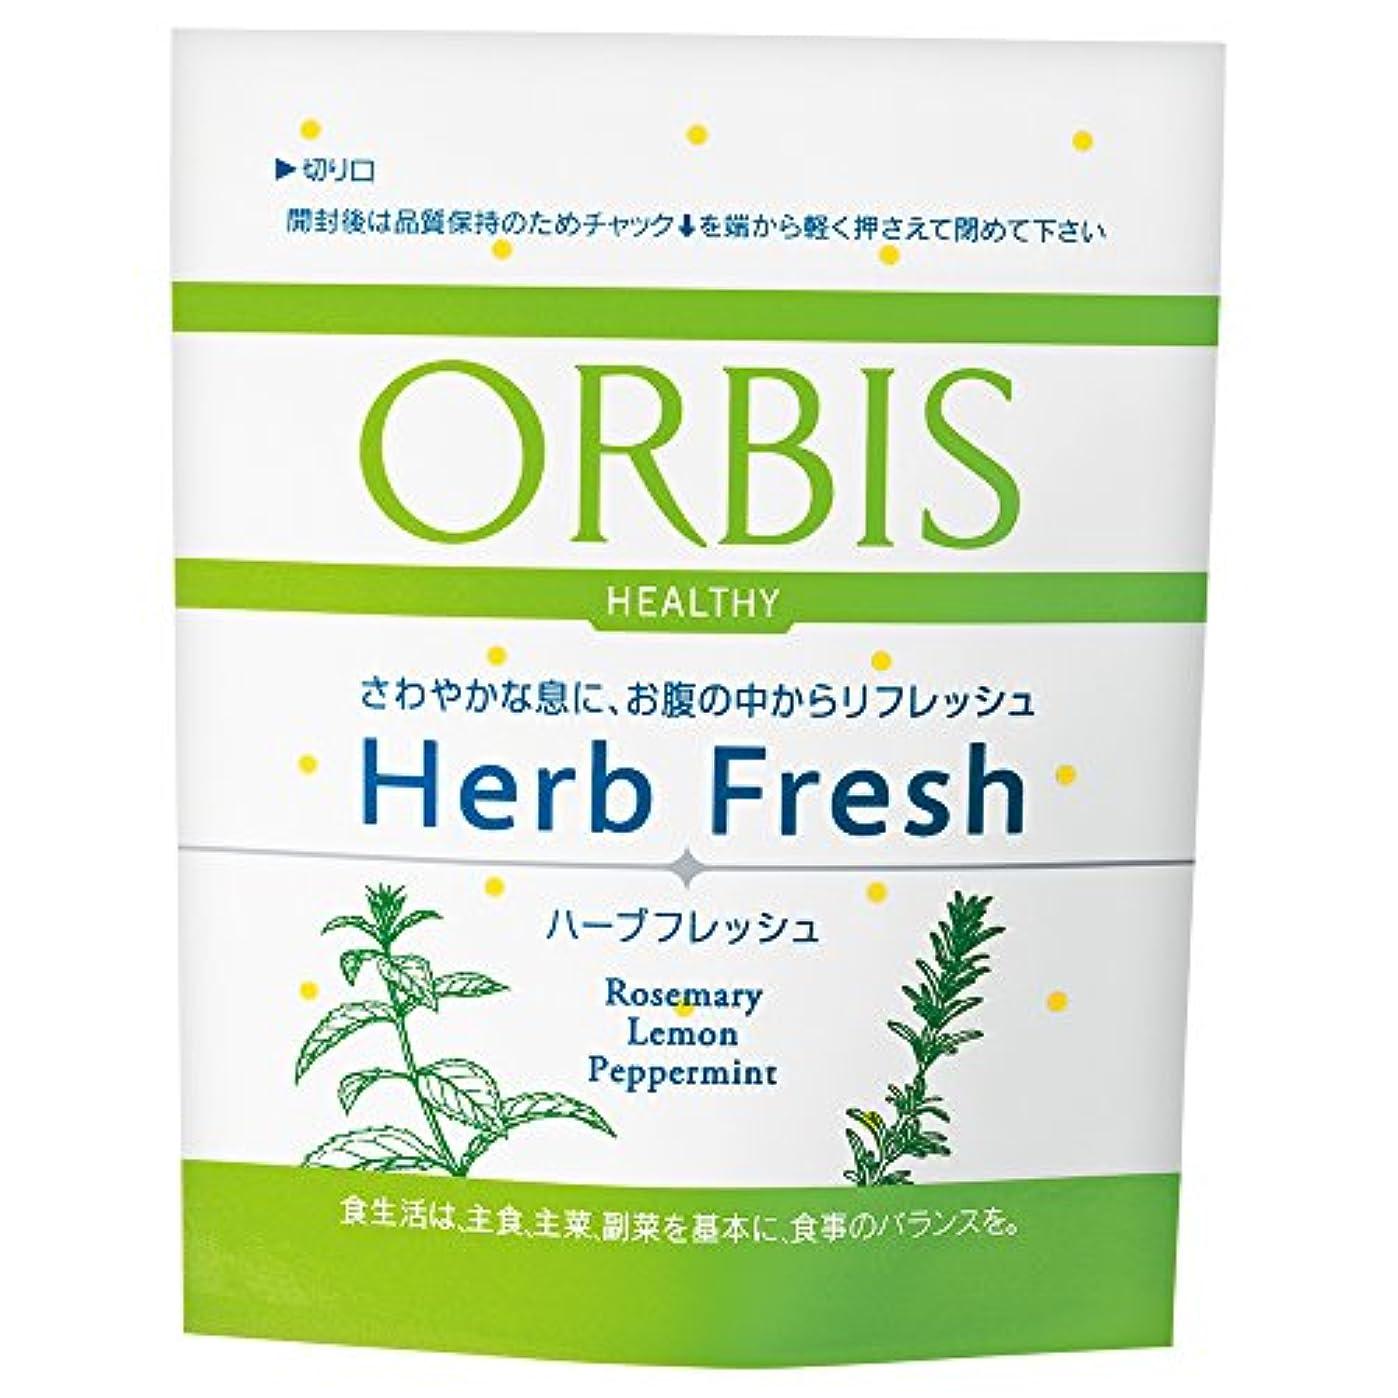 悲観主義者沼地不健康オルビス(ORBIS) ハーブフレッシュ レギュラー 10~30日分(240mg×30粒) ◎エチケットサプリメント◎